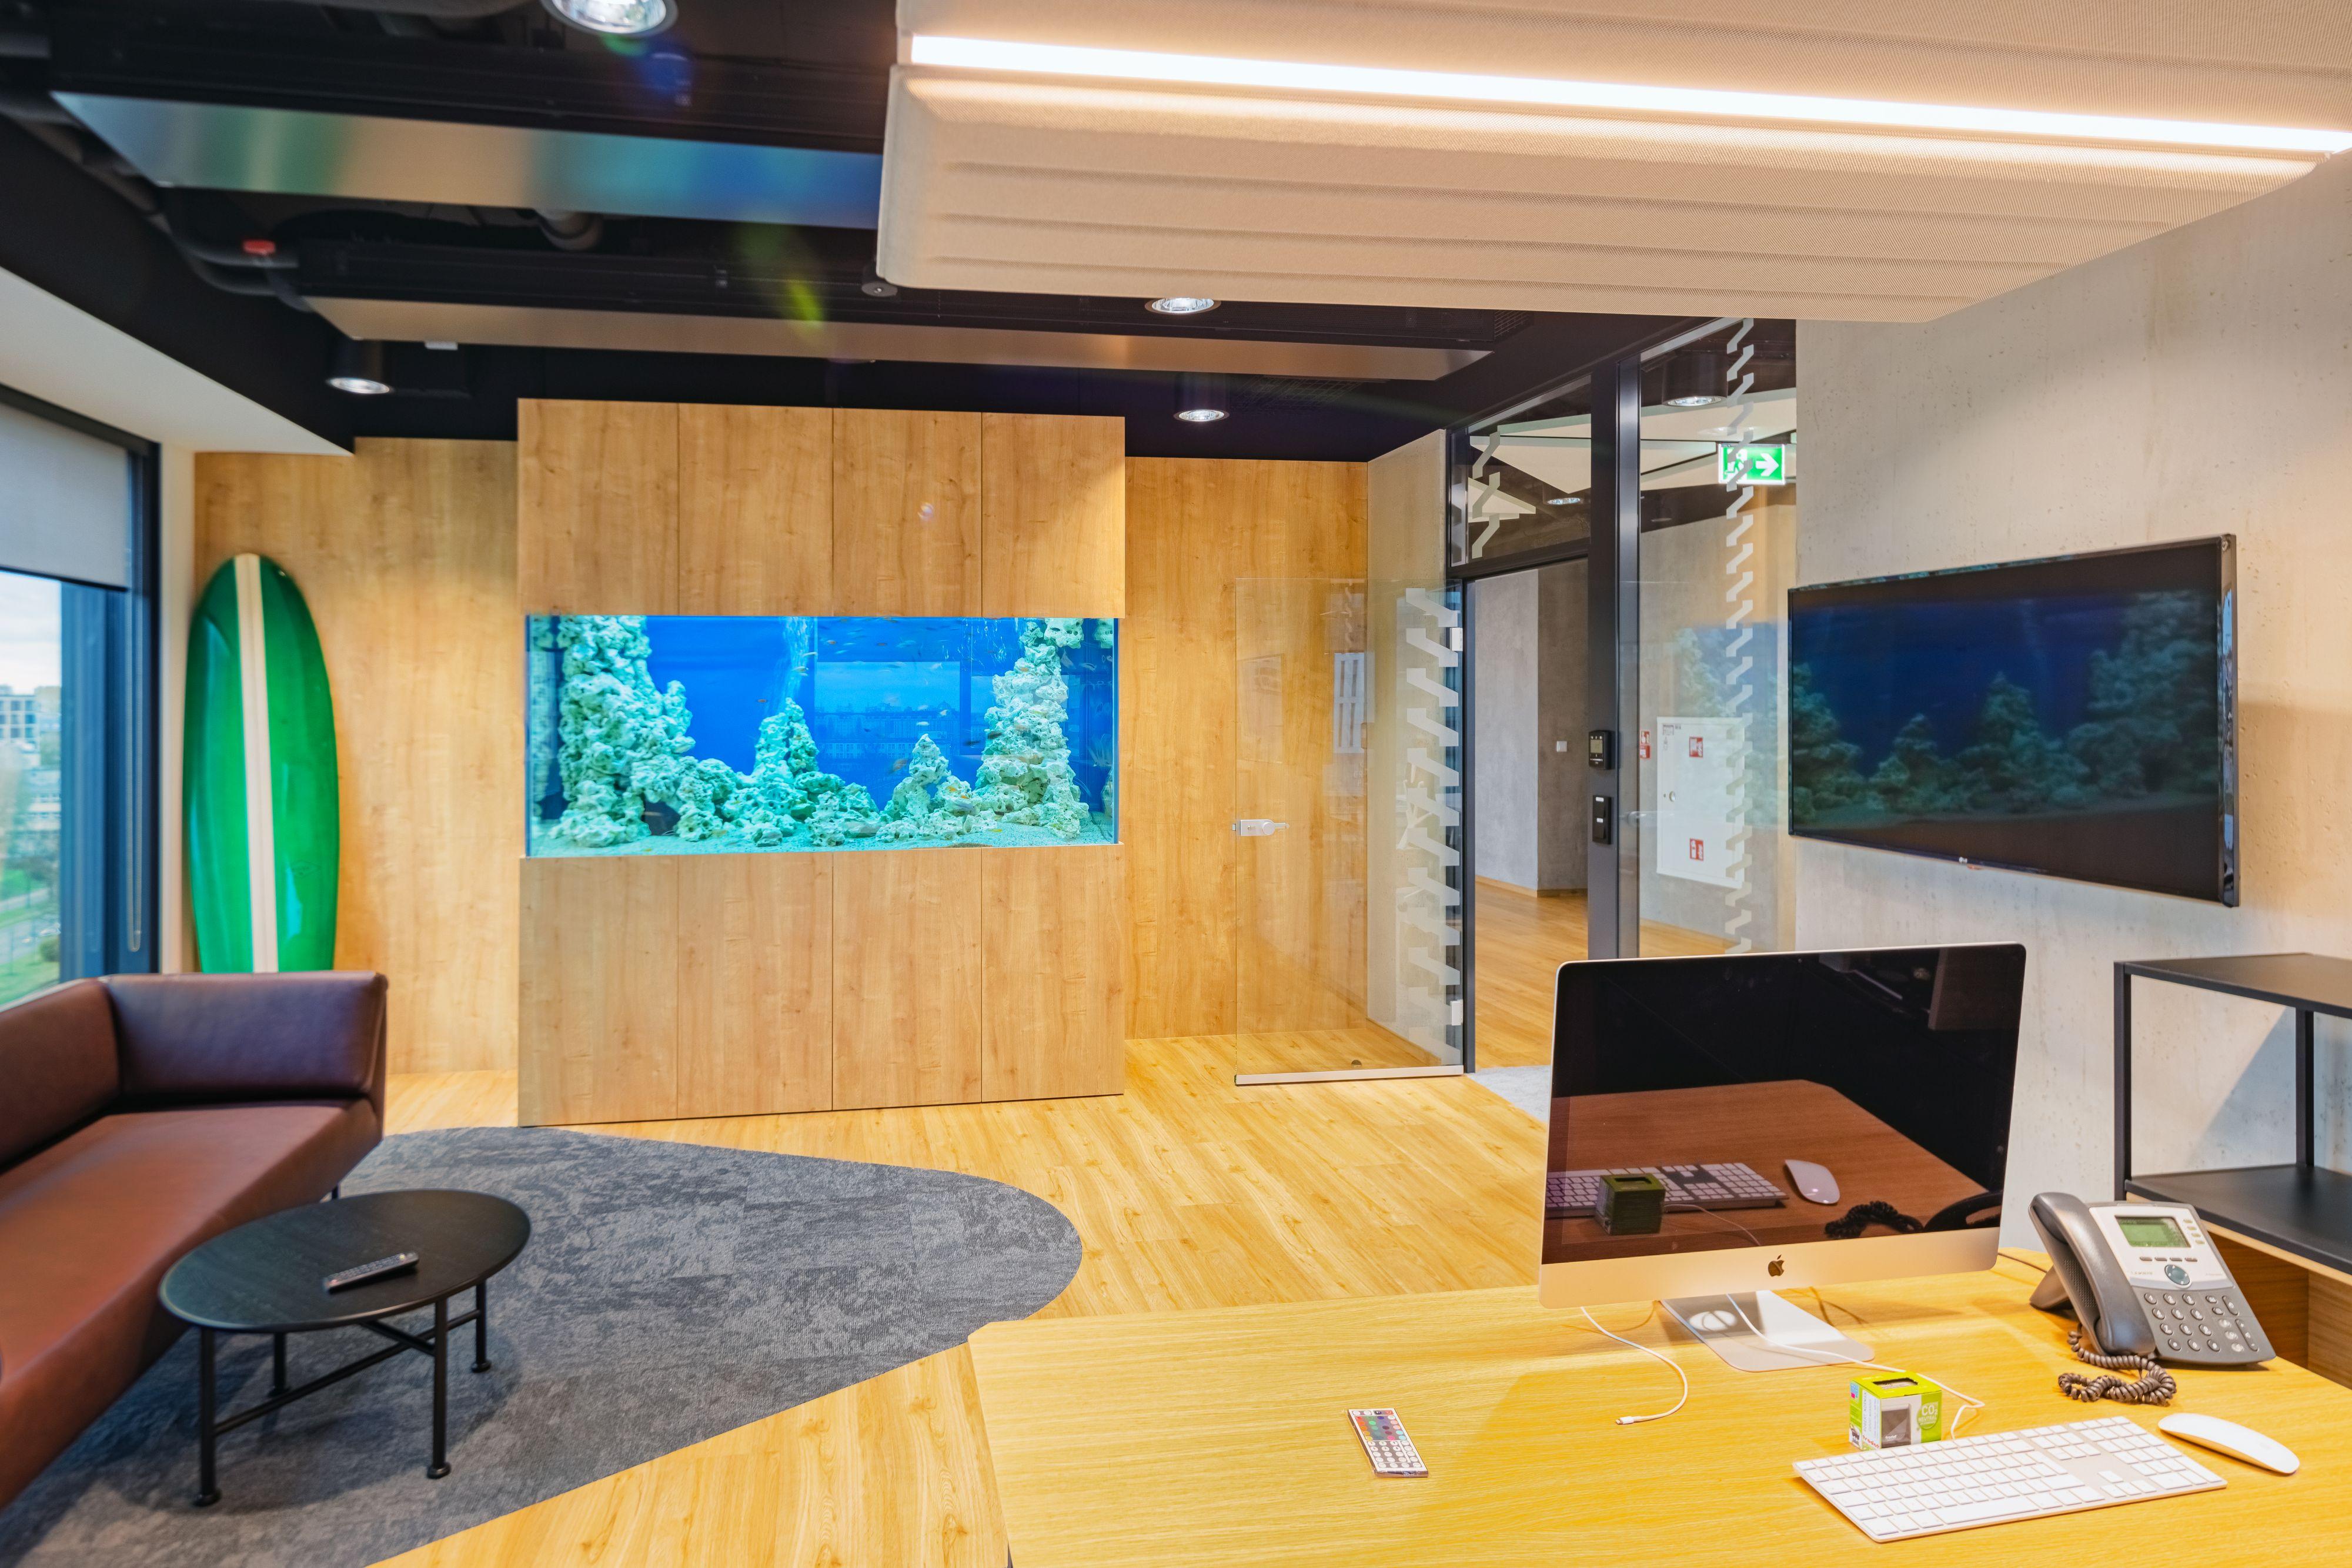 Biuro Diverse CG jest zaprojektowane w stylu elastycznym (Fot. mat. pras.)